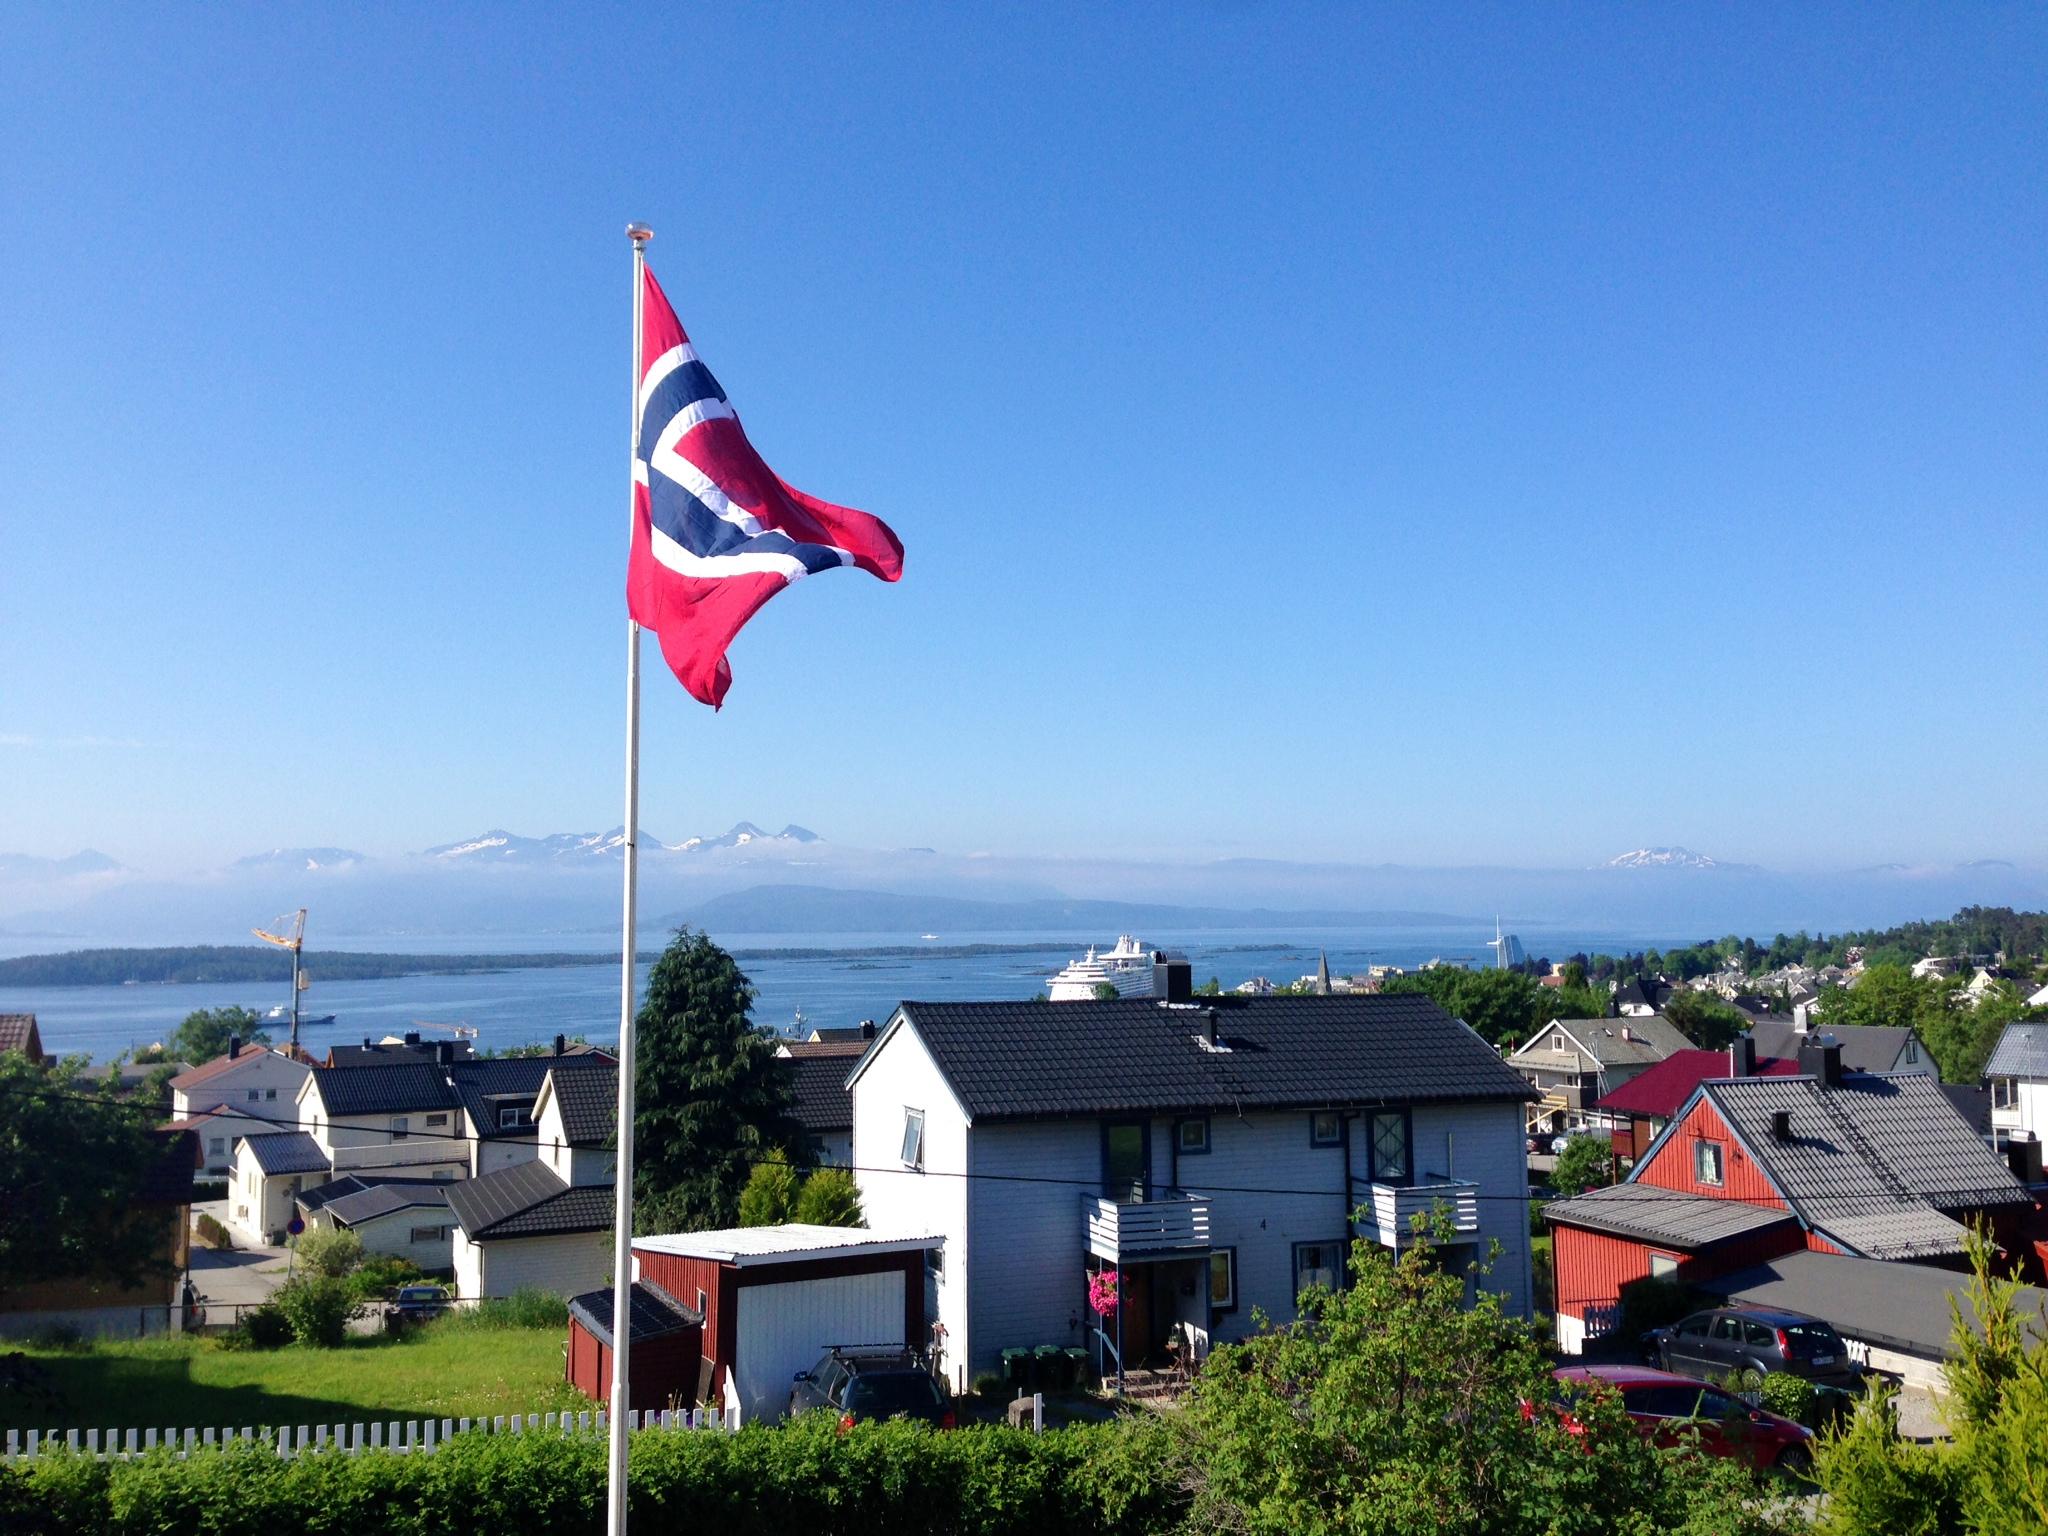 La flaggene vaie i vinden. Men ikke bare det norske. Foto: Odd Roar Lange